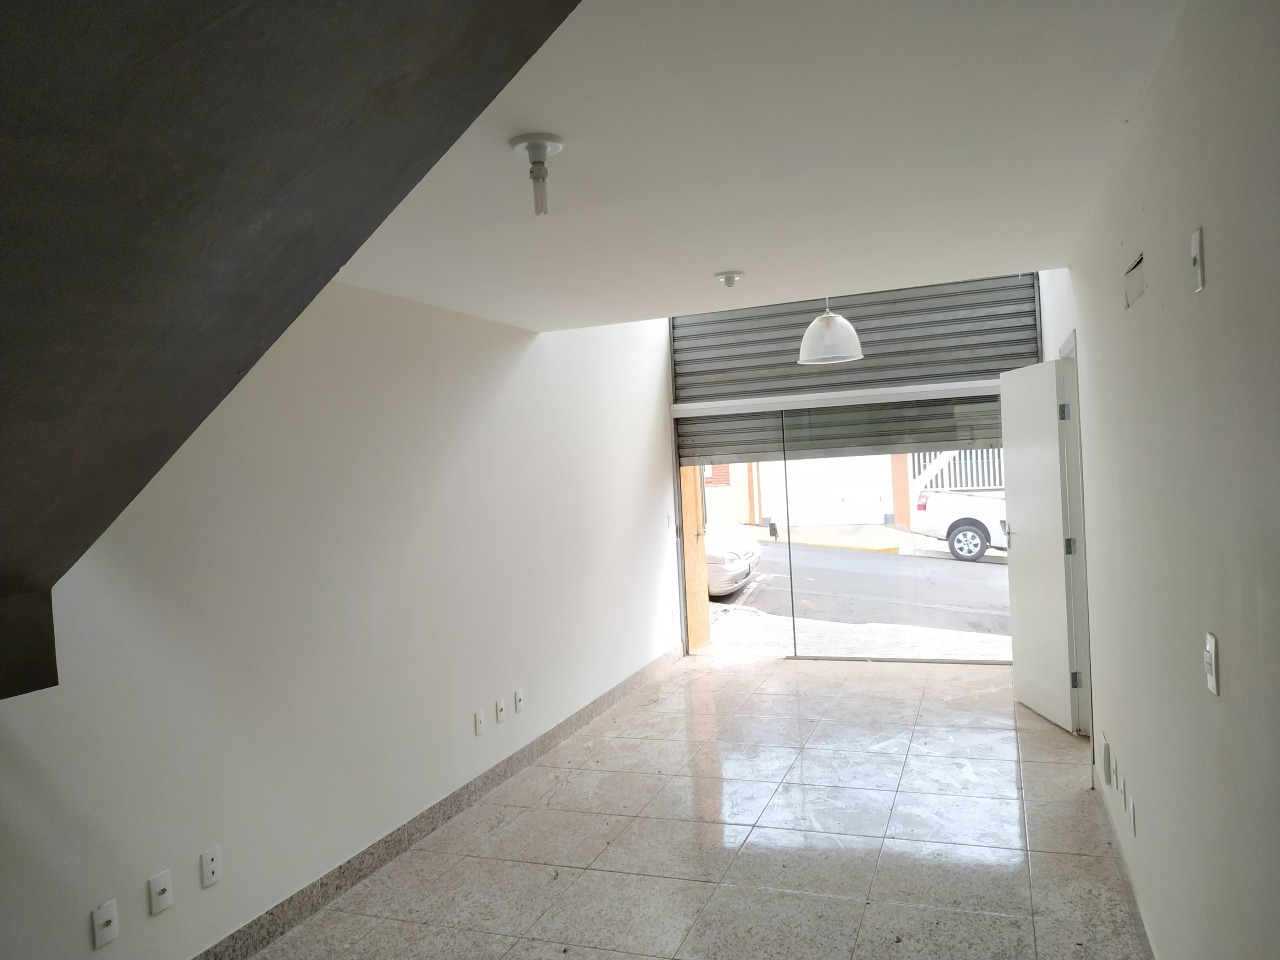 Salão para alugar, no bairro Centro em Rio das Pedras - SP